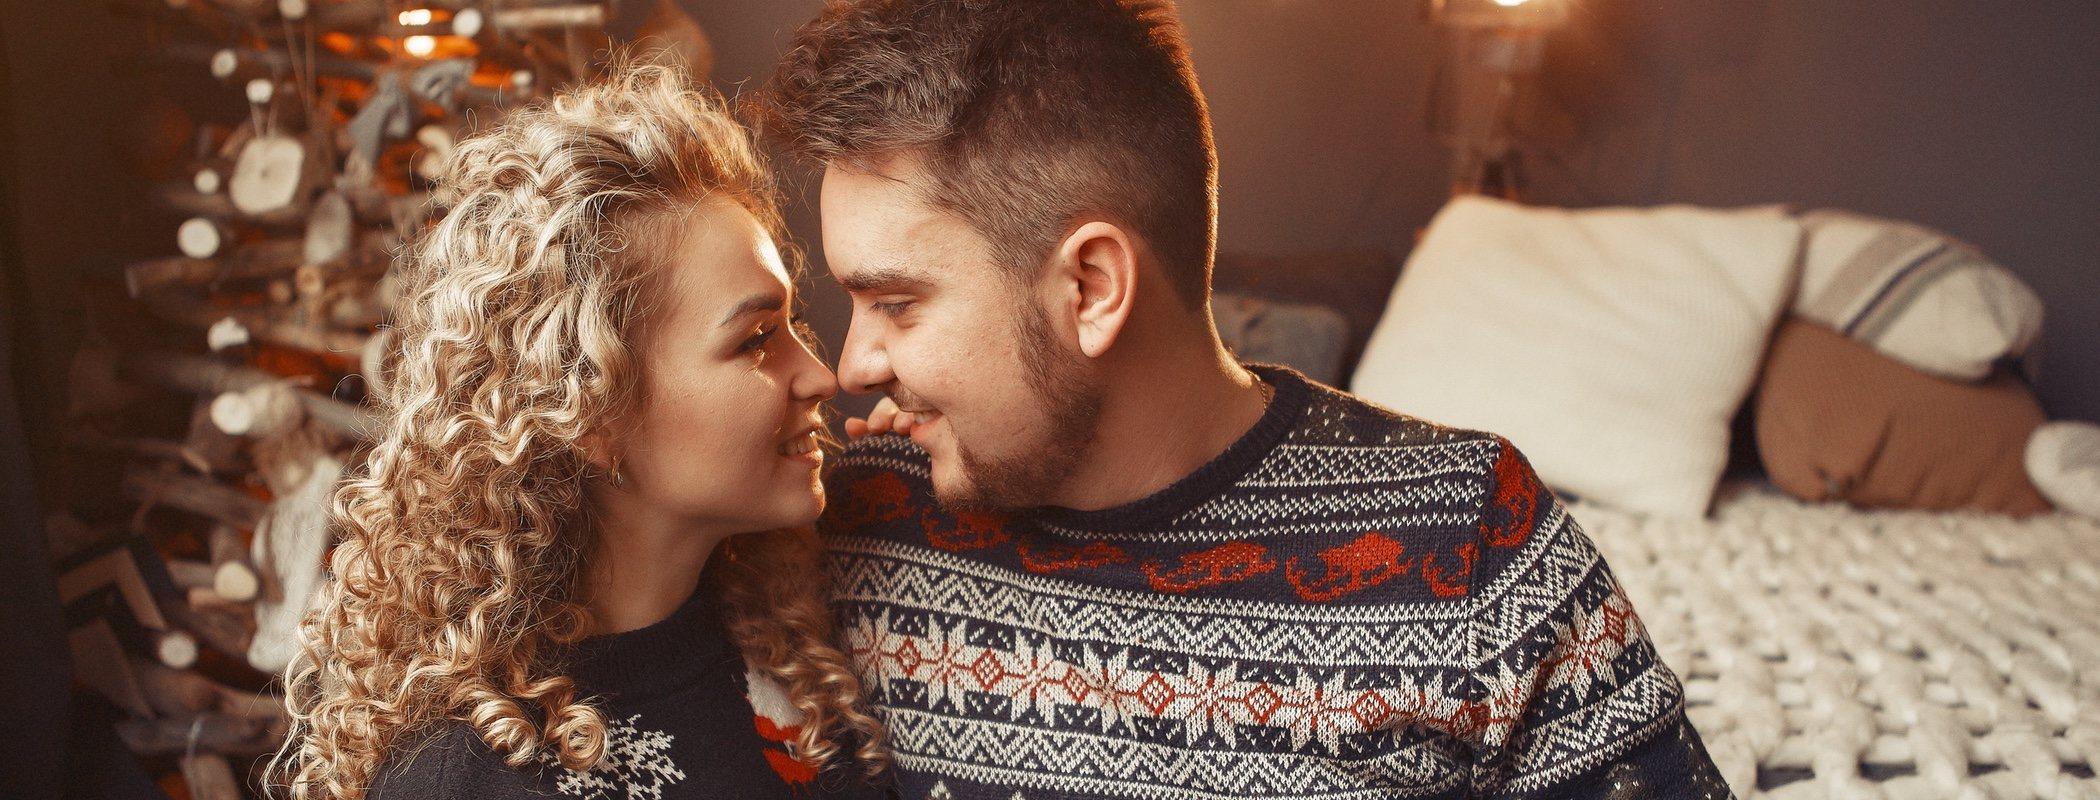 Cómo celebrar la Navidad en pareja: trucos y consejos